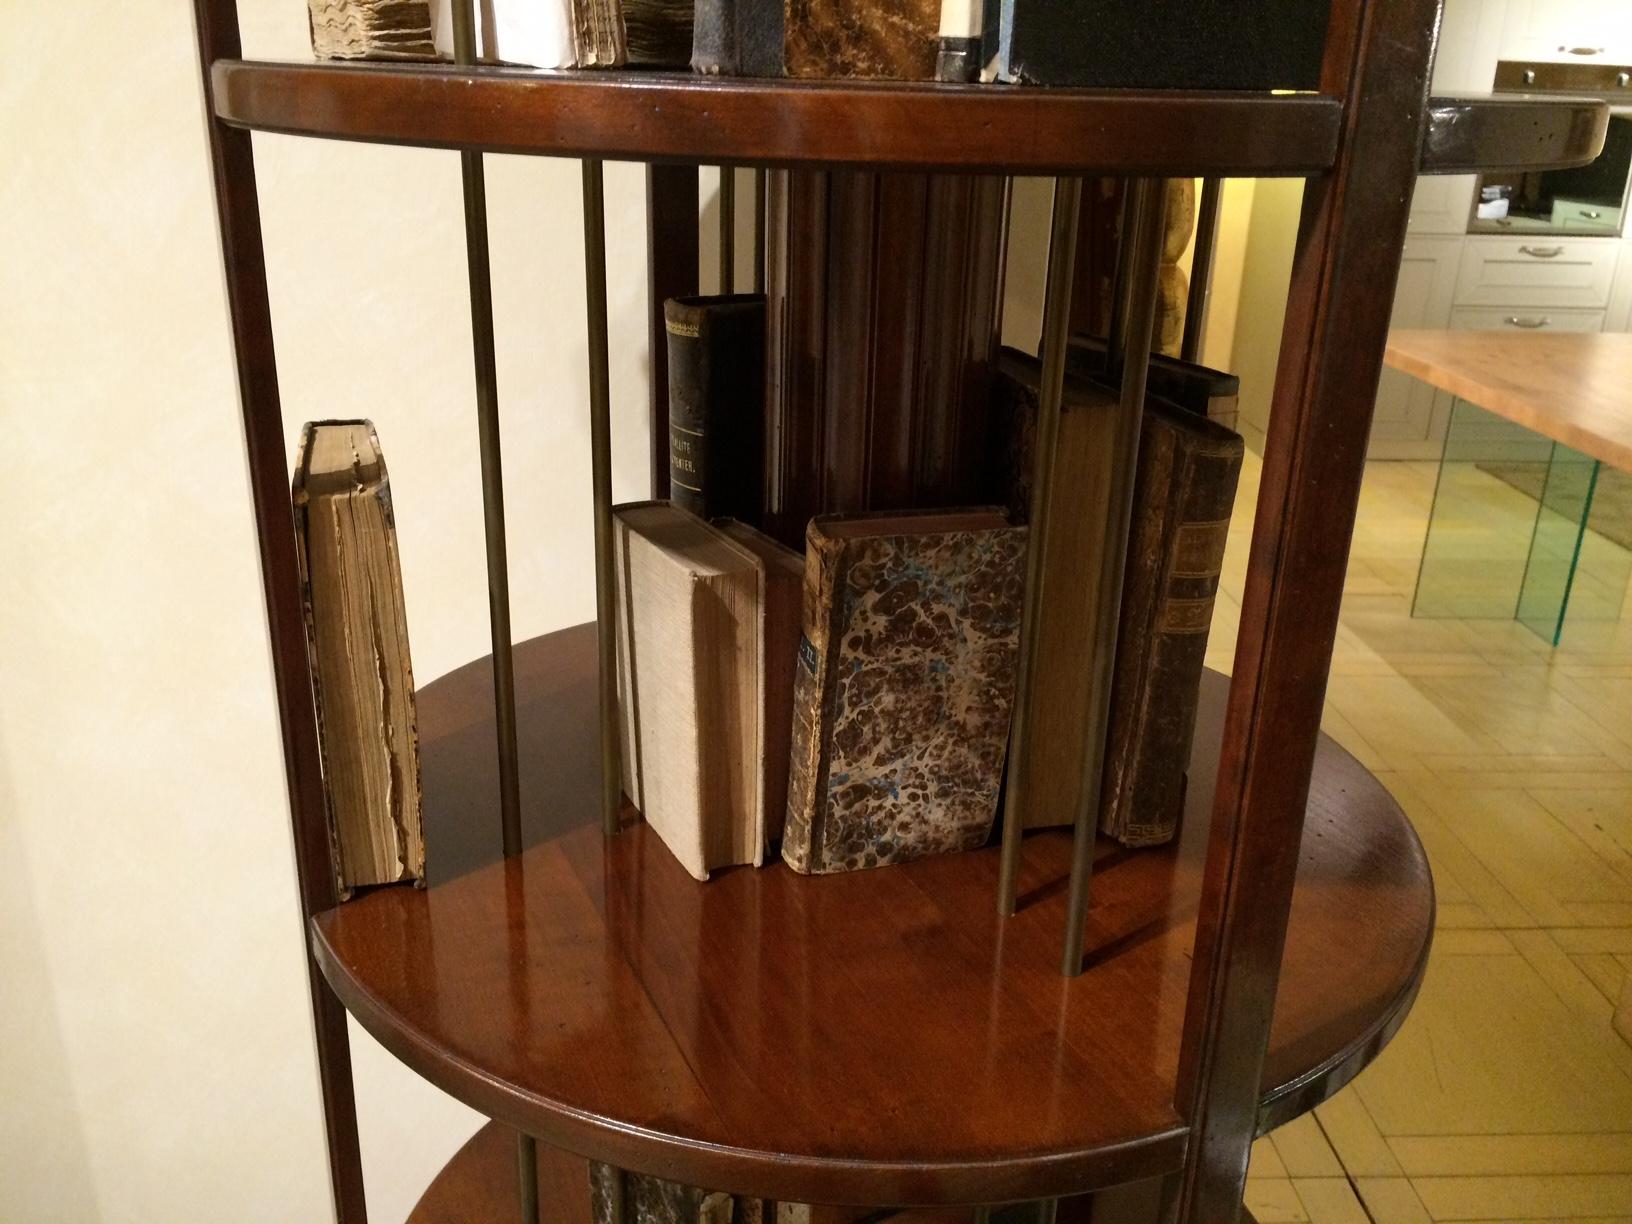 Grande arredo libreria girevole in legno di ciliegio soggiorni a prezzi scontati - Soggiorni in legno ...